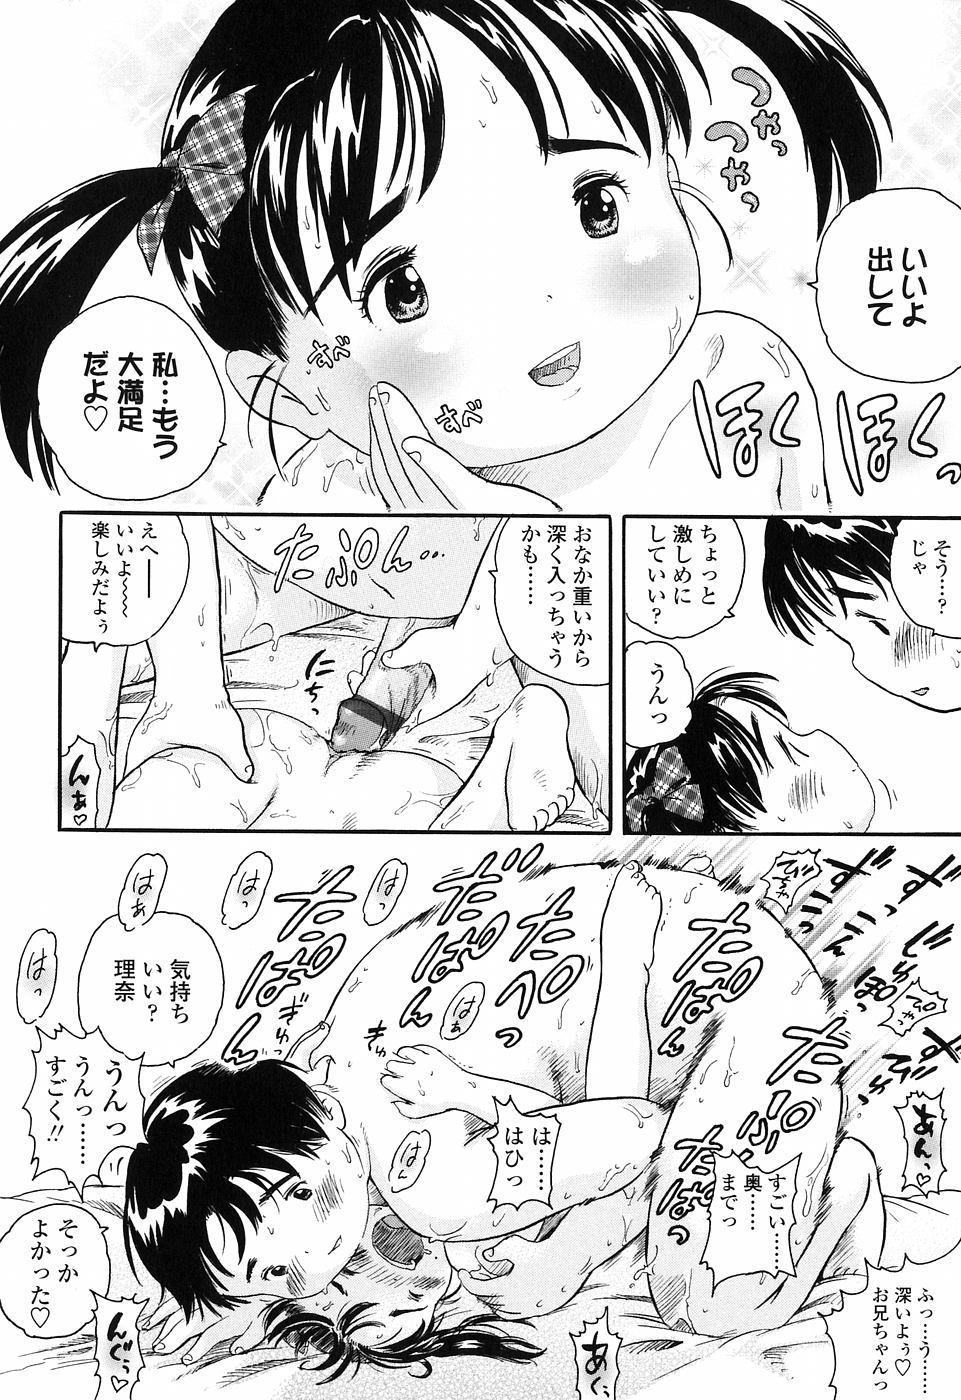 Koisuru Fukurami 71